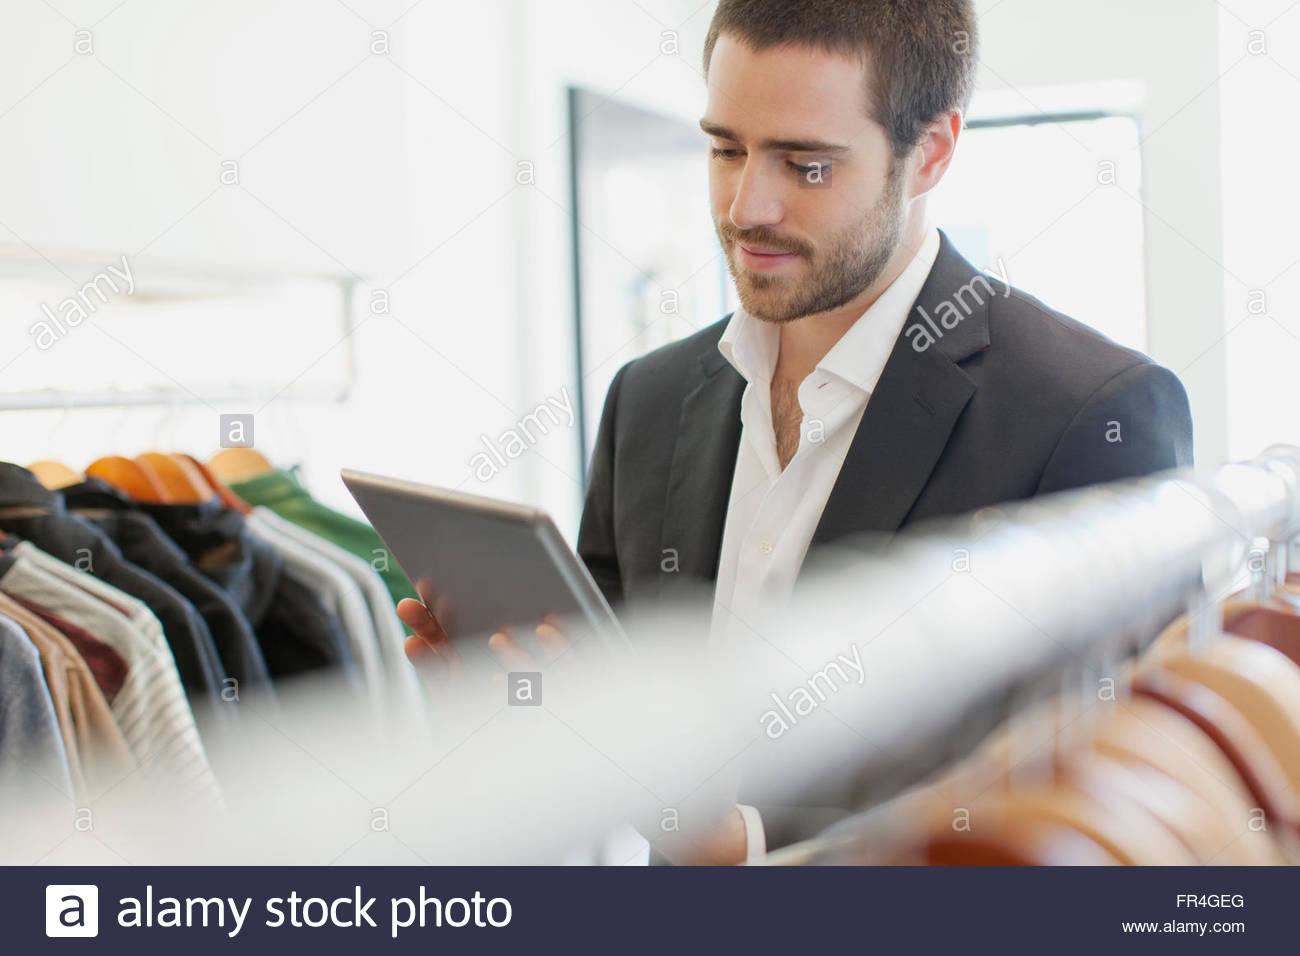 El propietario de una tienda con tablet pc en mens tienda de ropa. Imagen De Stock